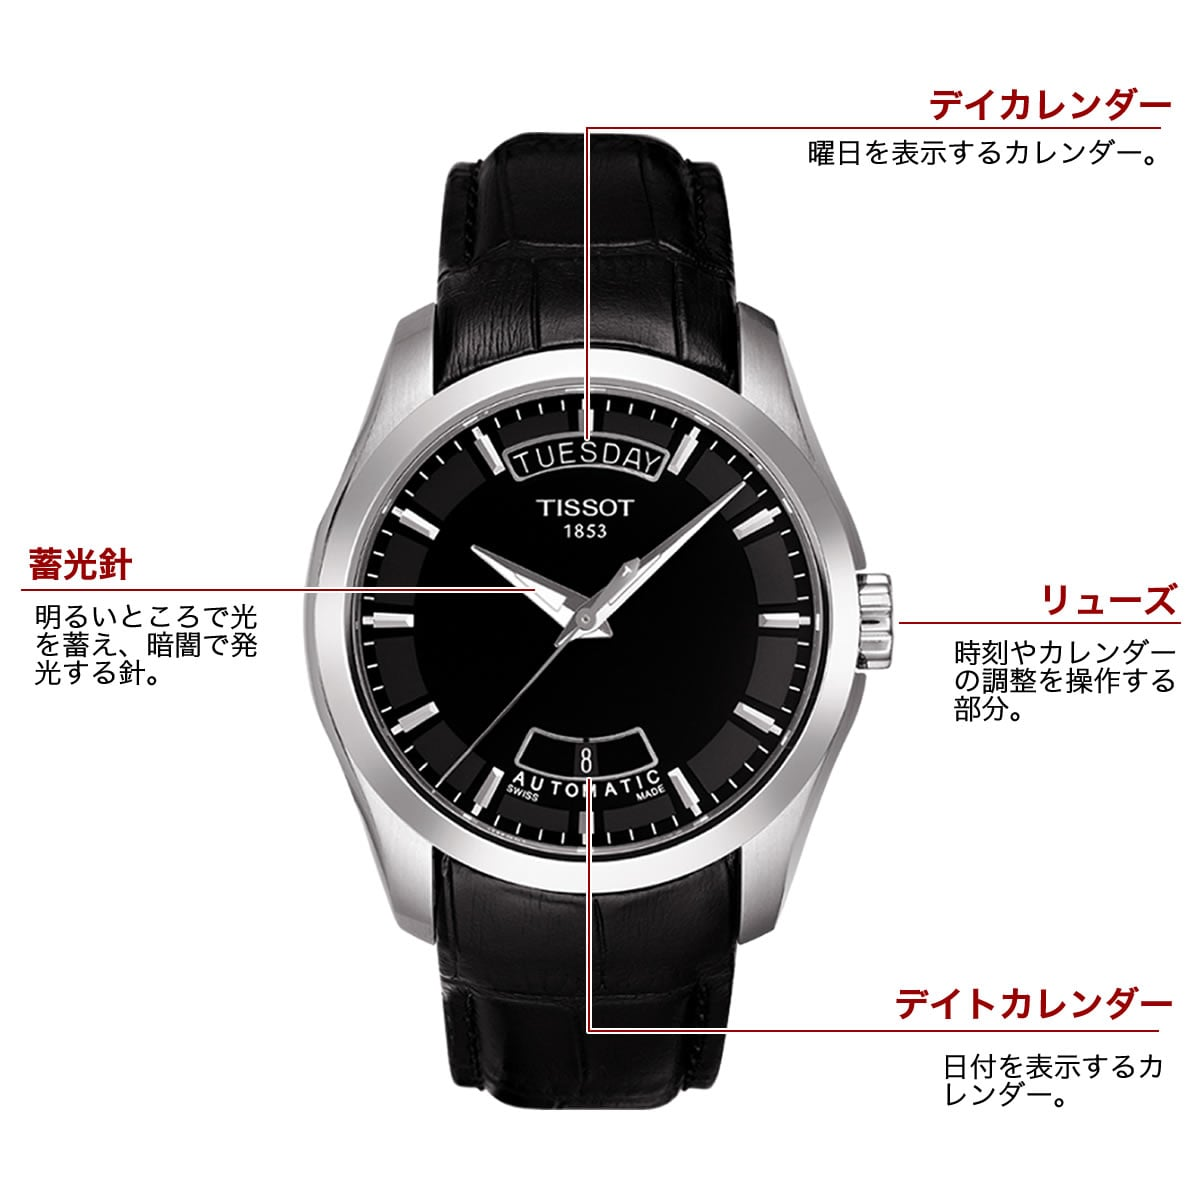 ティソ 自動巻き 男性用腕時計t0354071605100